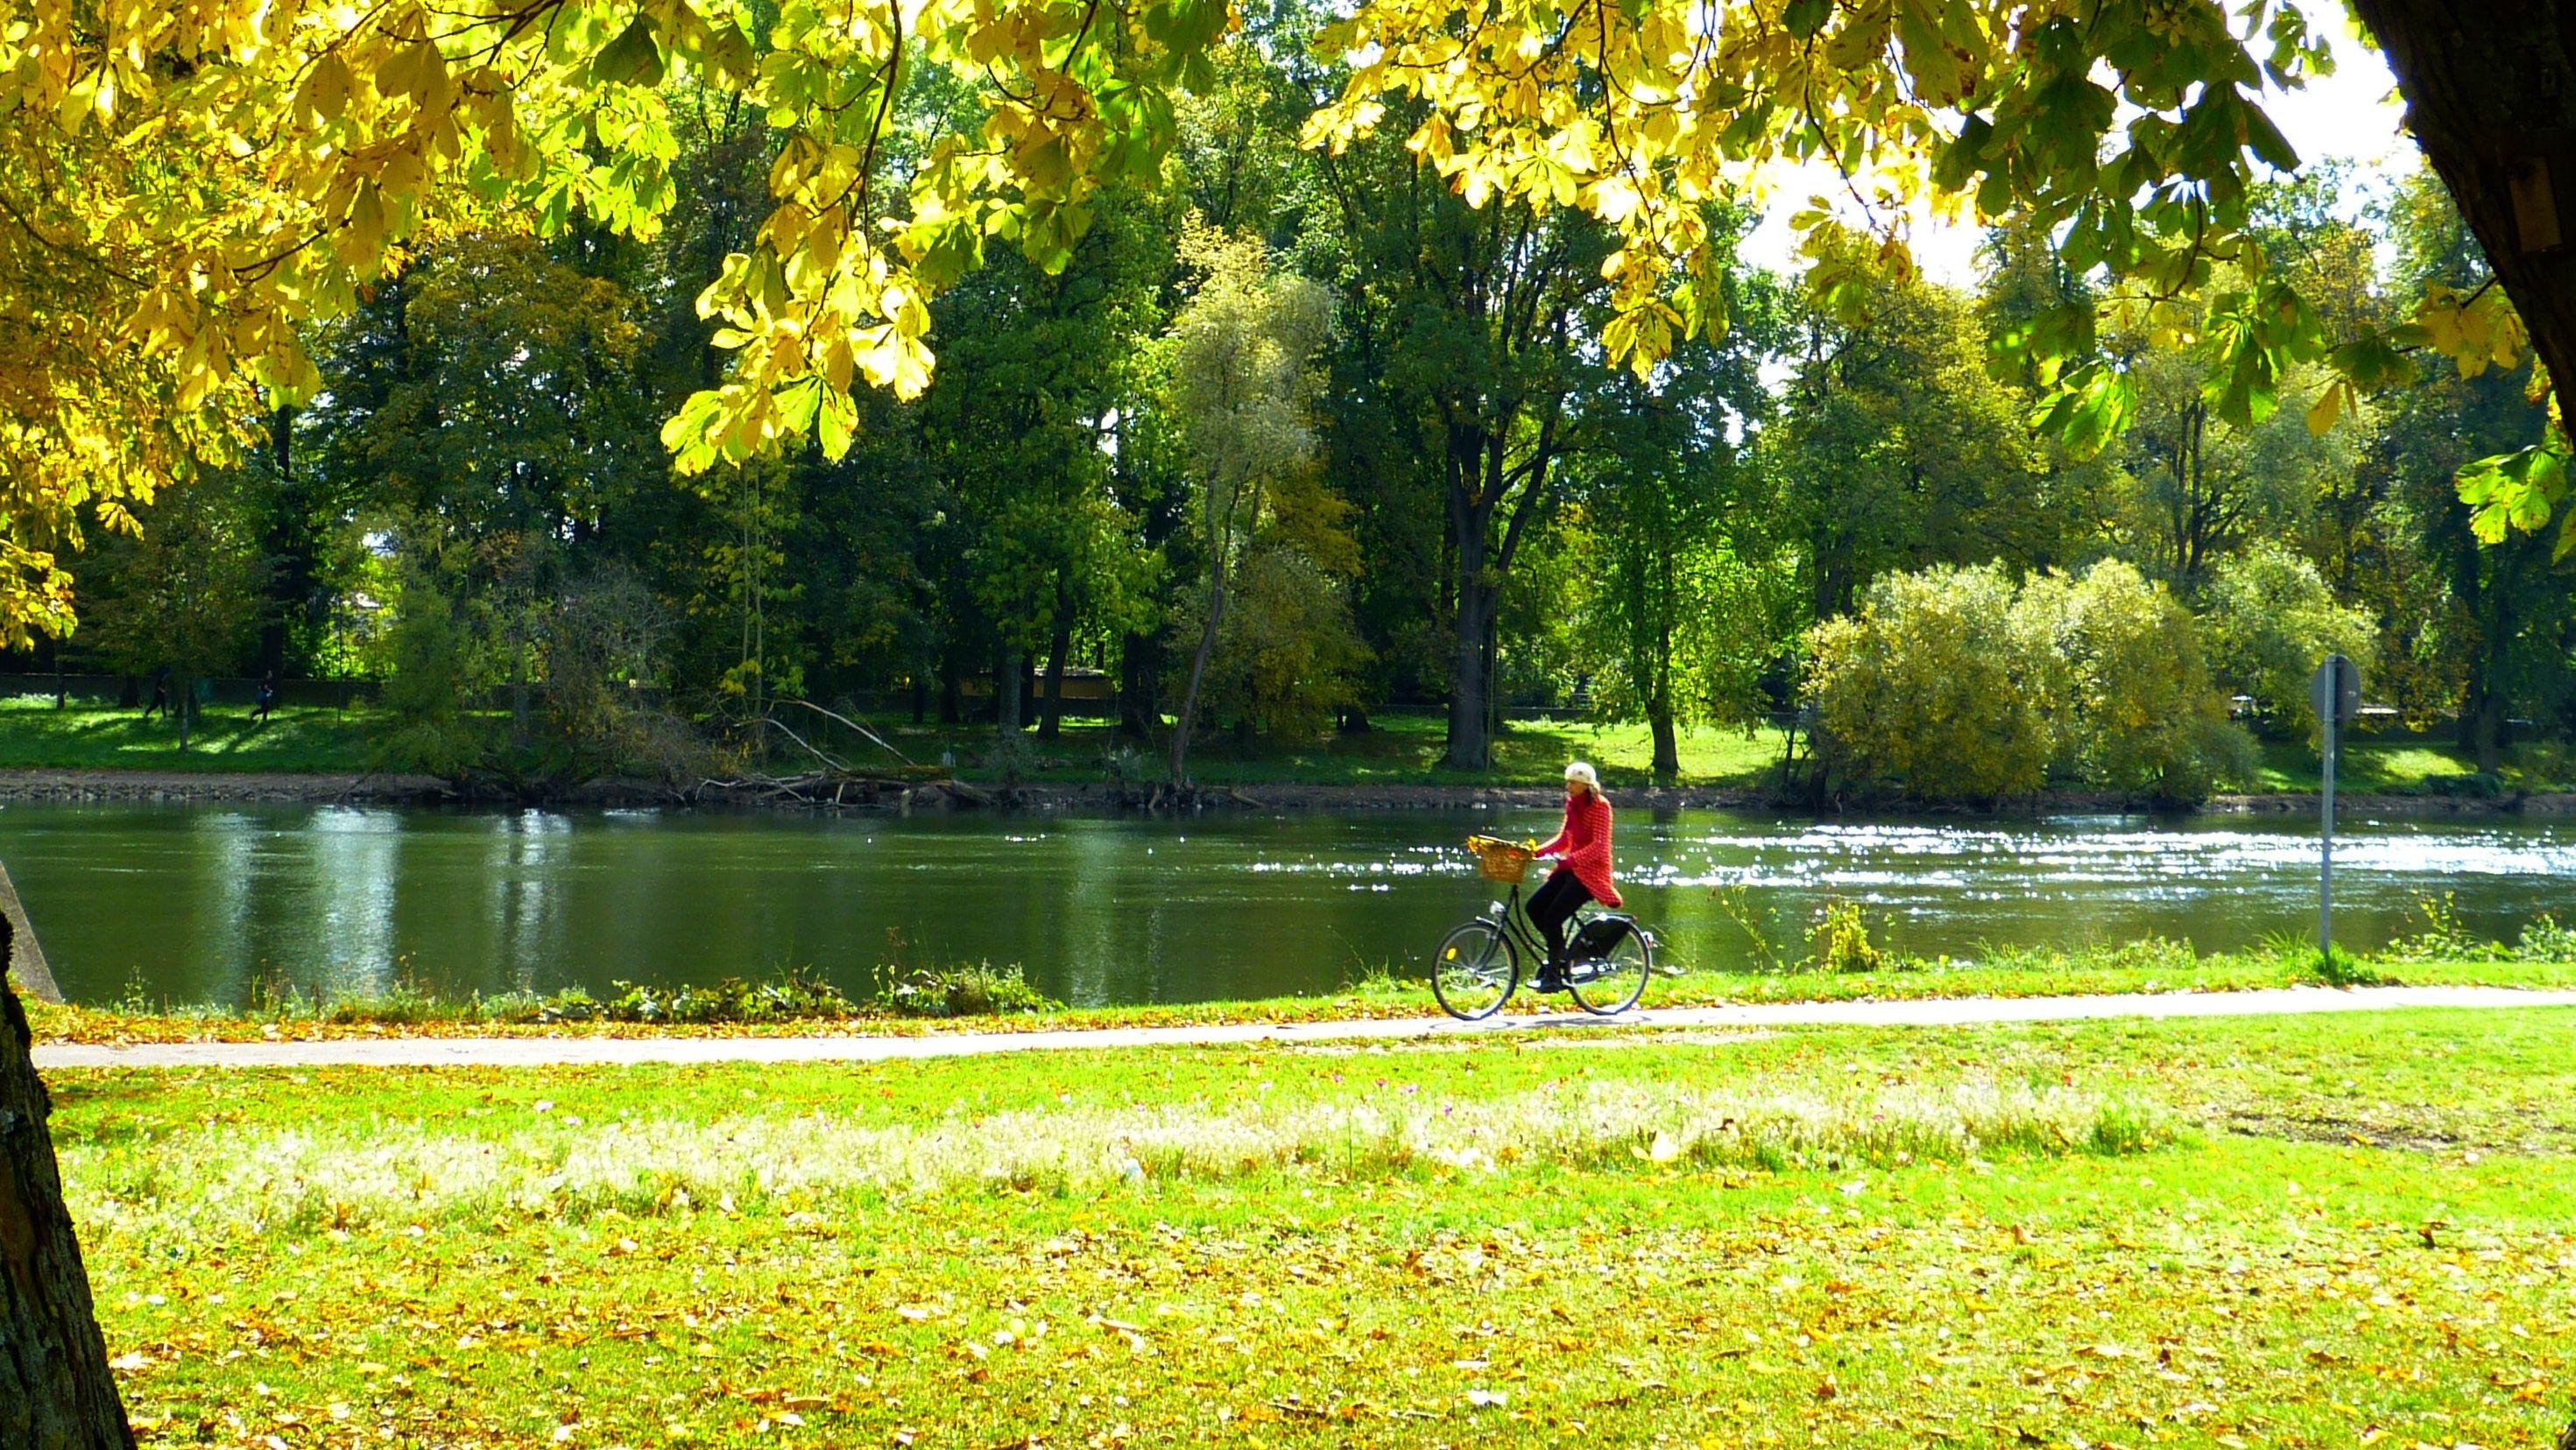 kelionės Lietuvoje, aktyvios, pramogos, laisvalaikis (1)